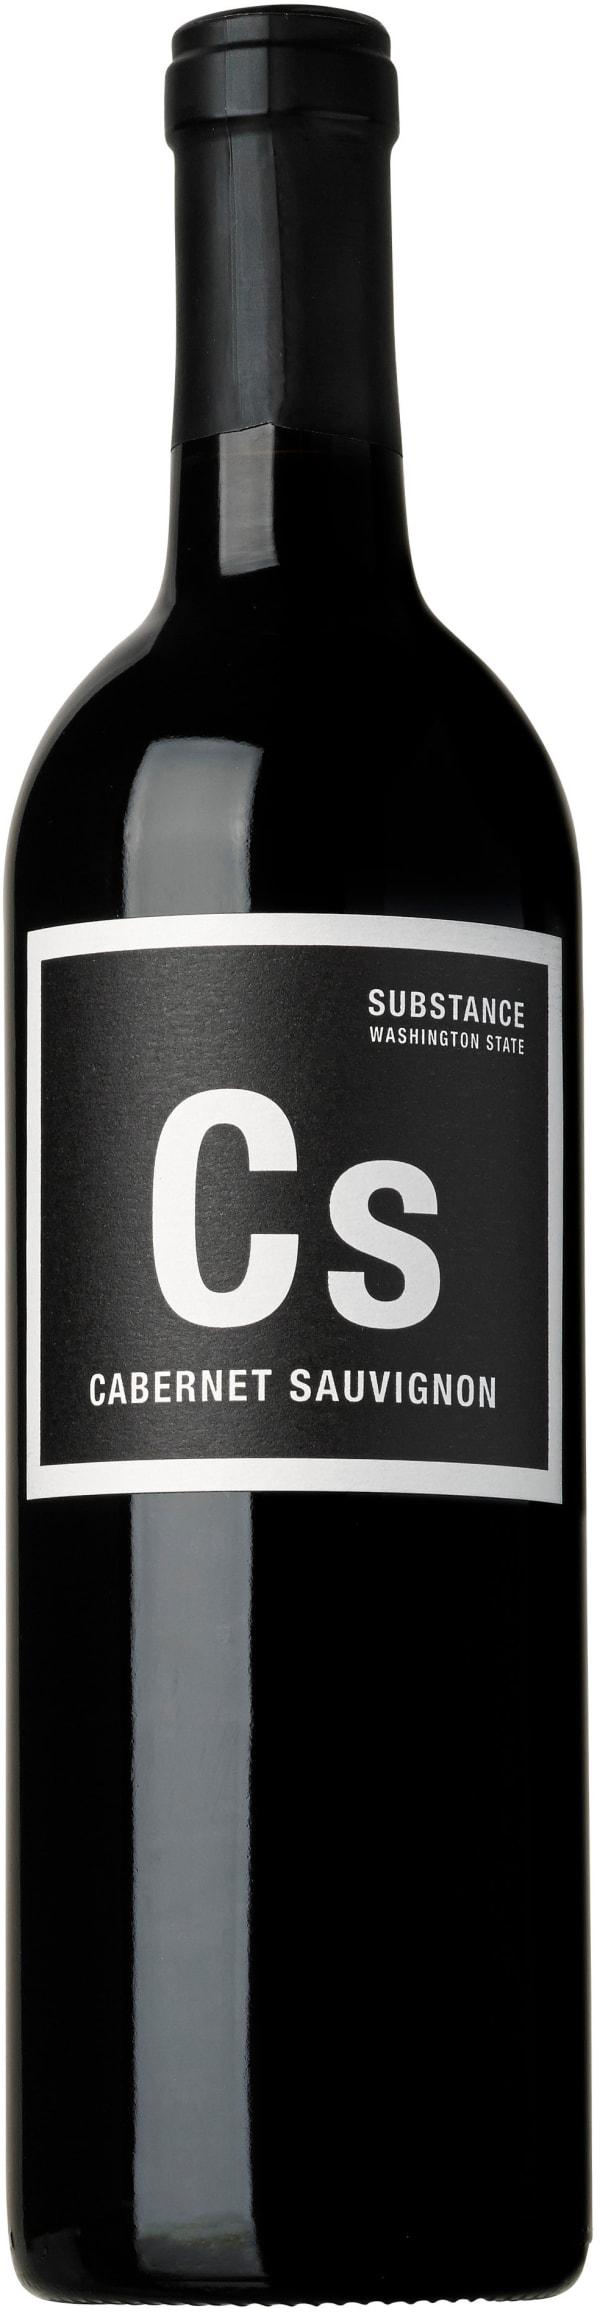 Substance Cs Cabernet Sauvignon 2018